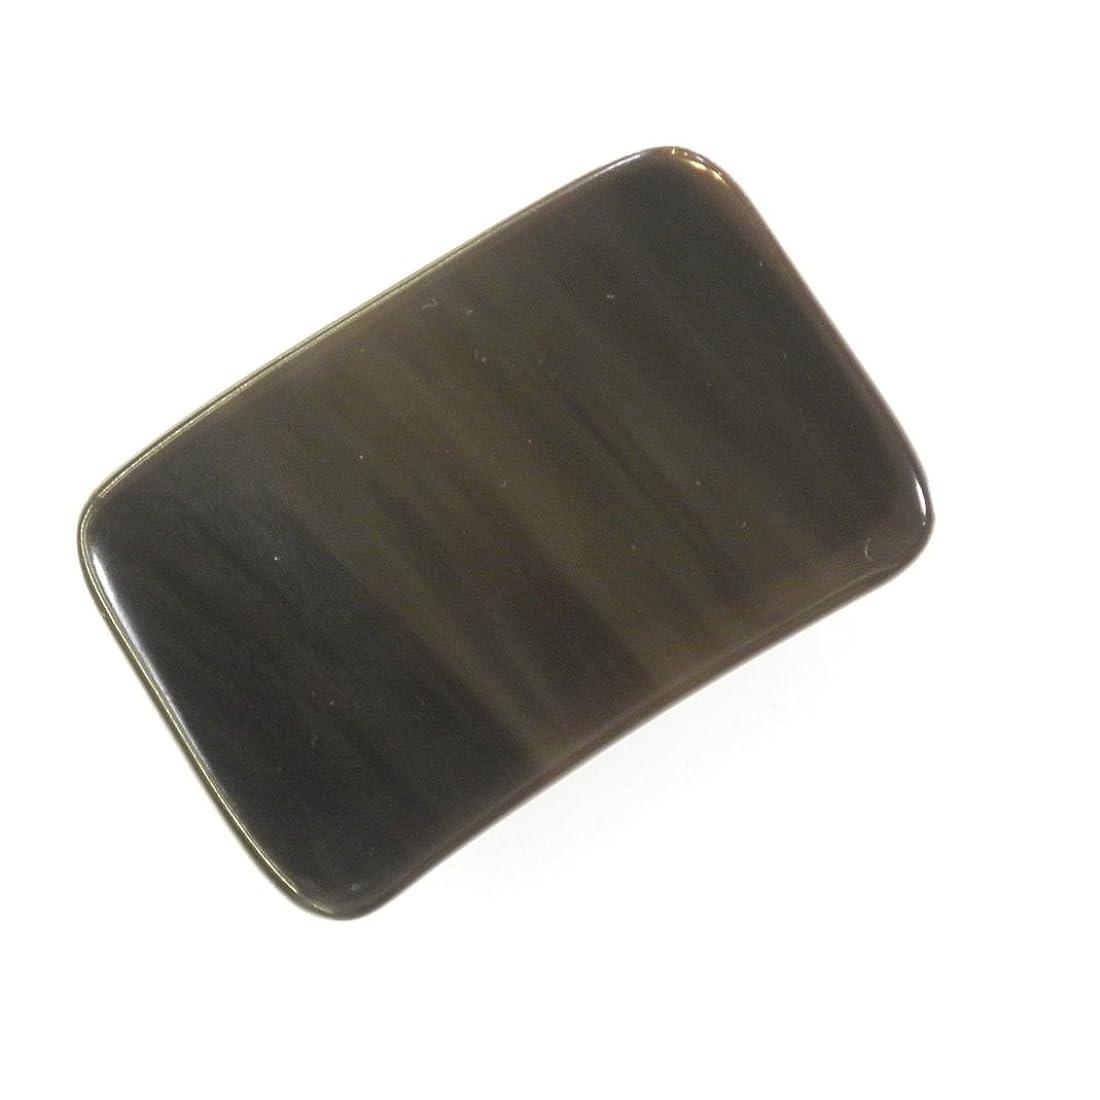 等囲い禁止するかっさ プレート 厚さが選べる 水牛の角(黒水牛角) EHE214 長方形小 一般品 少し厚め(7ミリ程度)